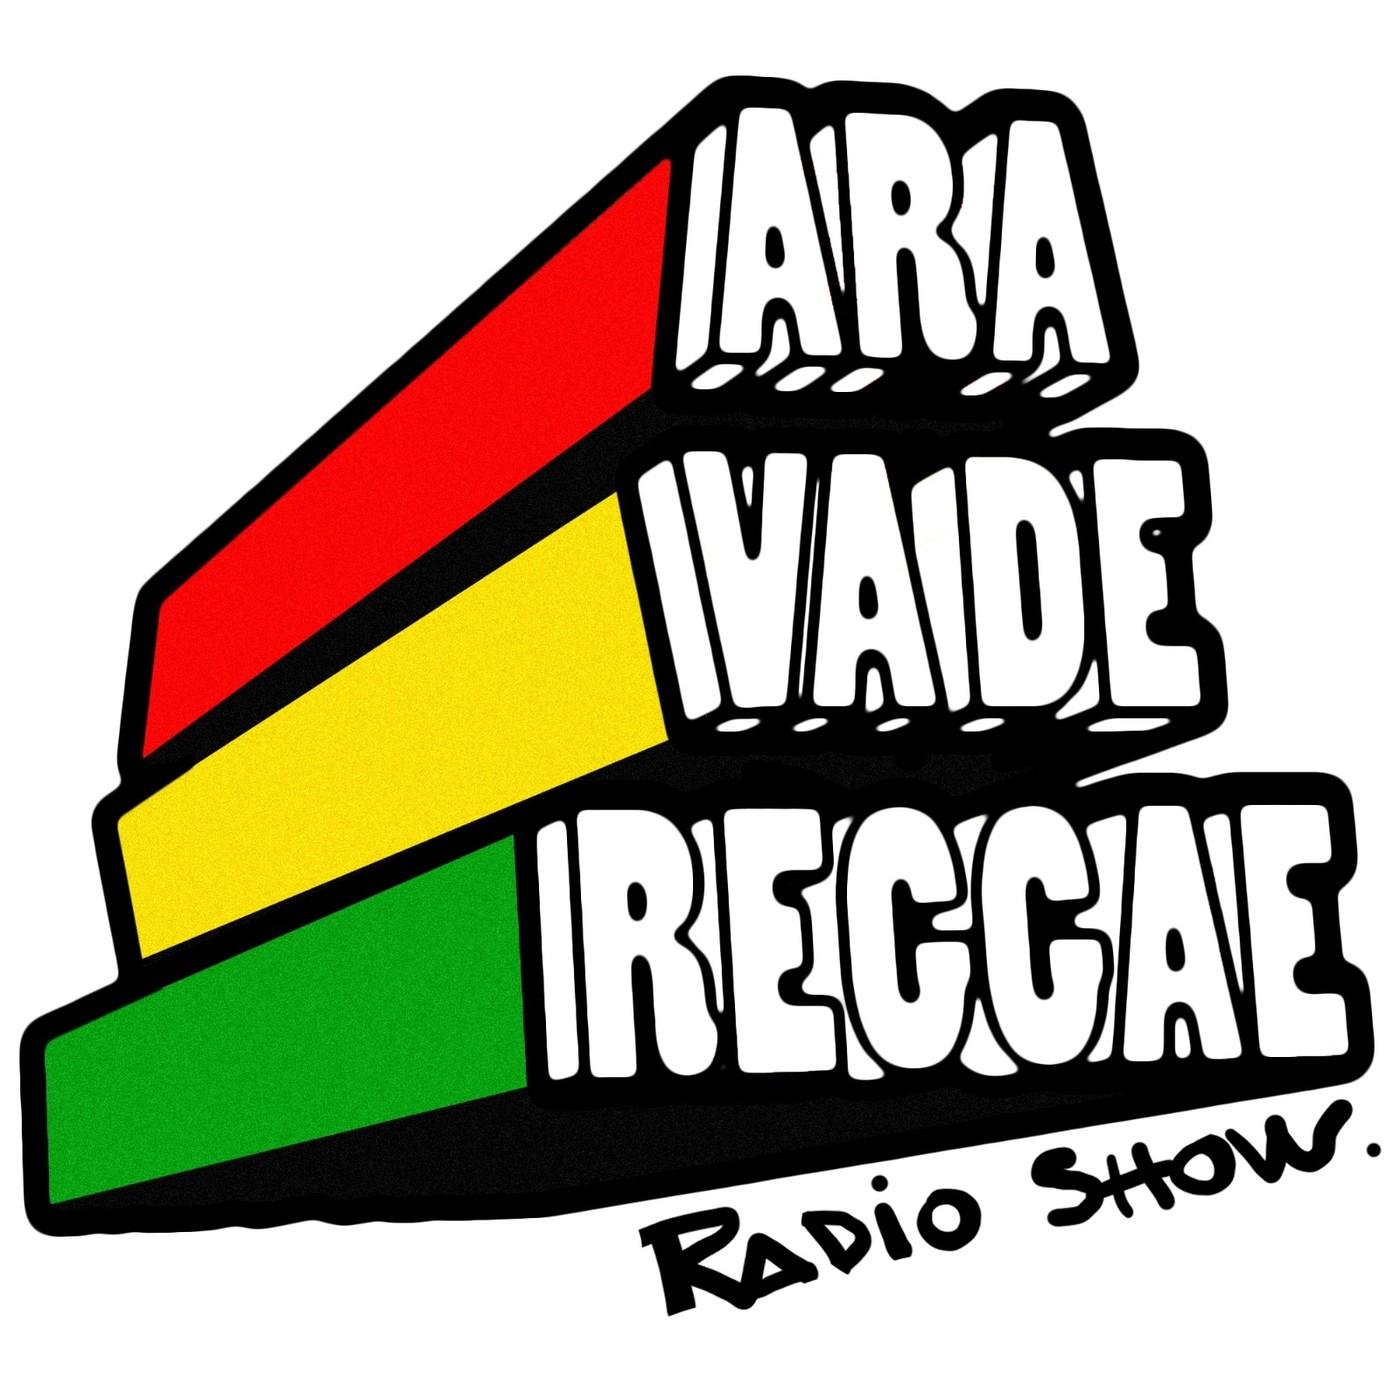 Ara va de reggae - 19.10.20